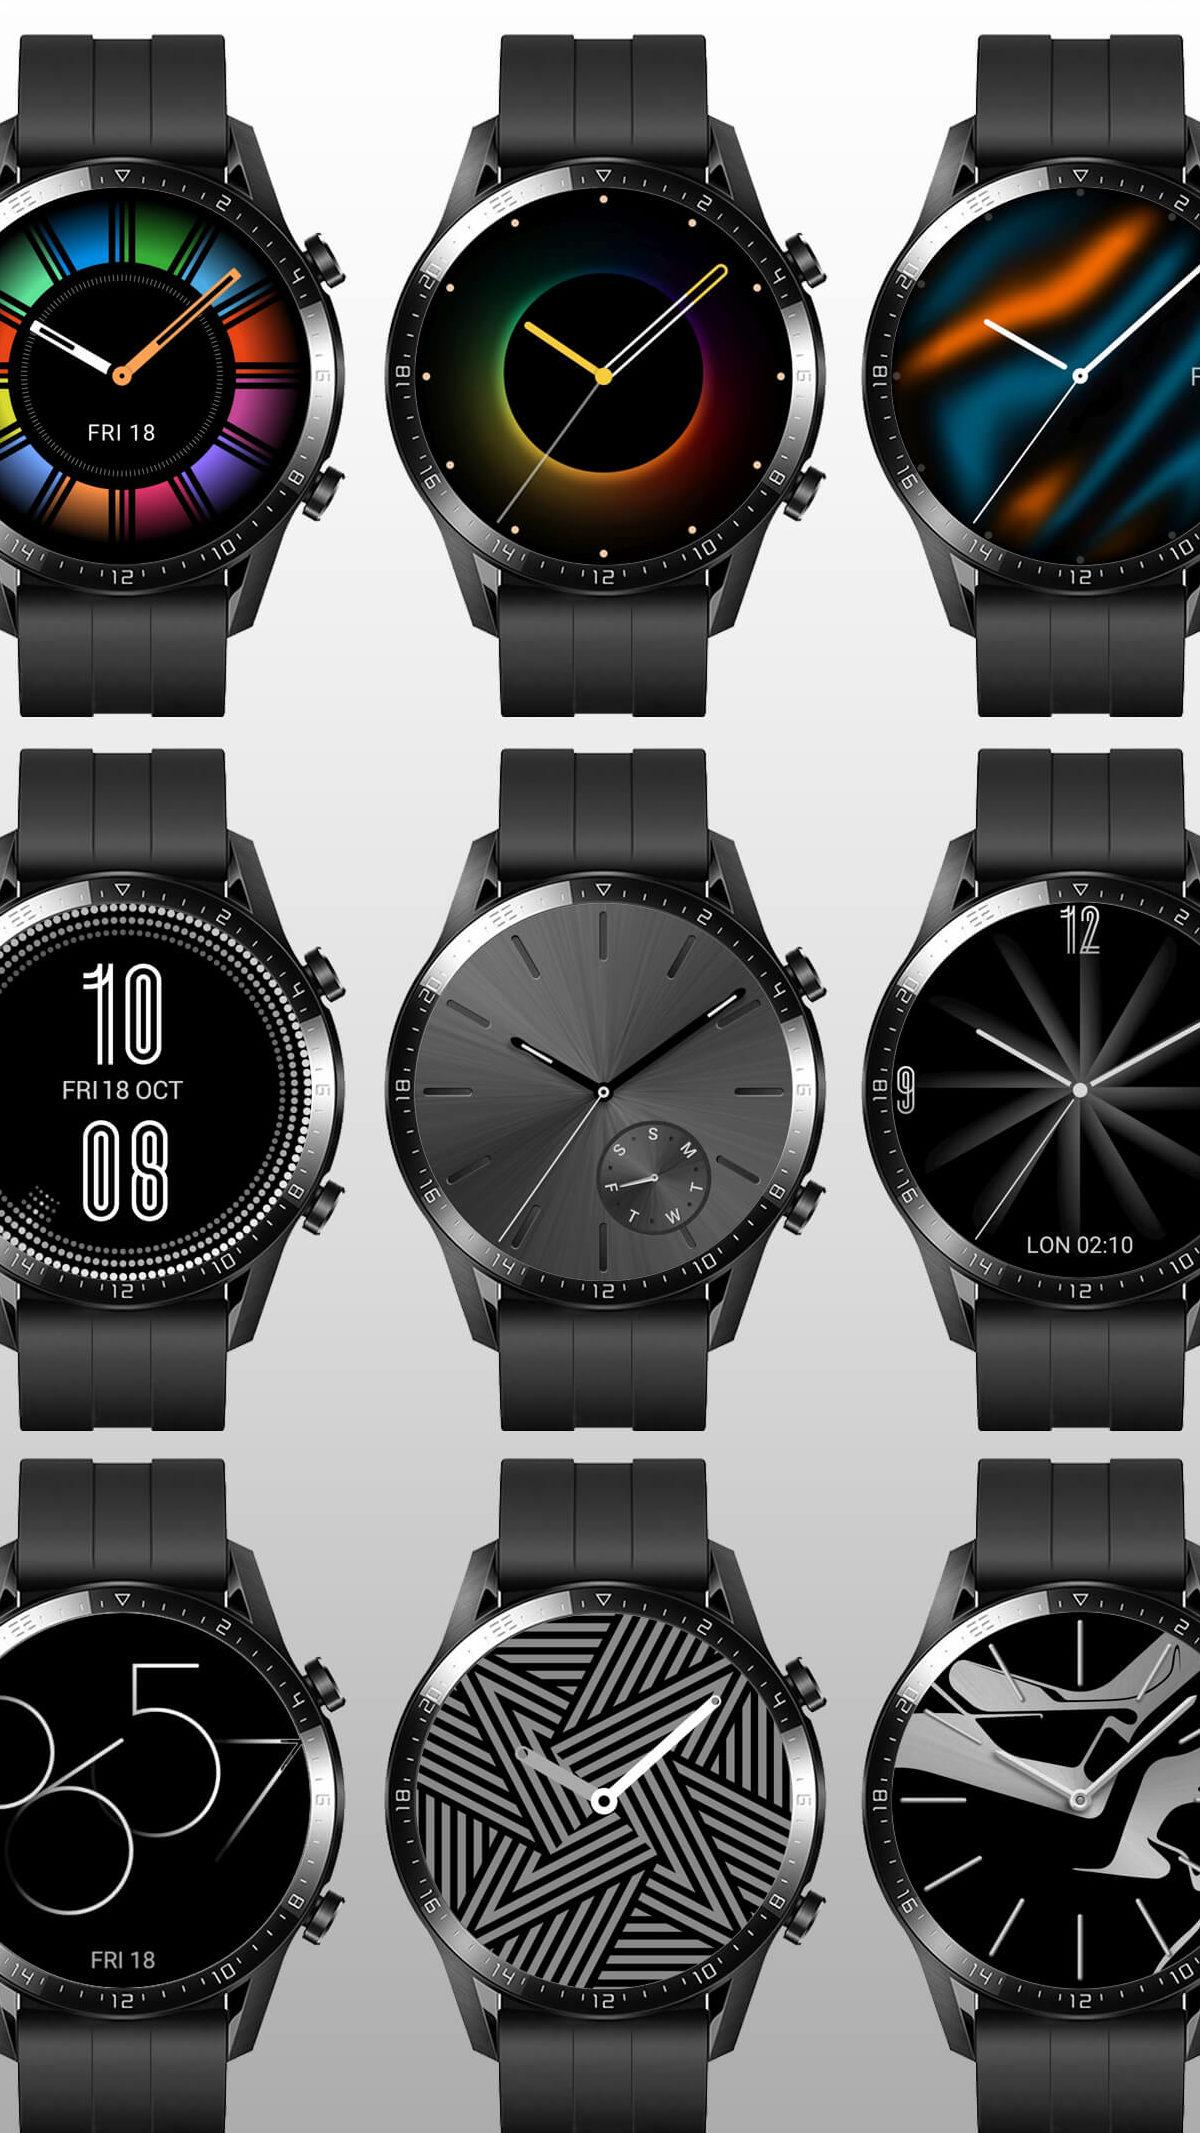 Así se verán las esferas del Huawei Watch GT 2 con HarmonyOS 2